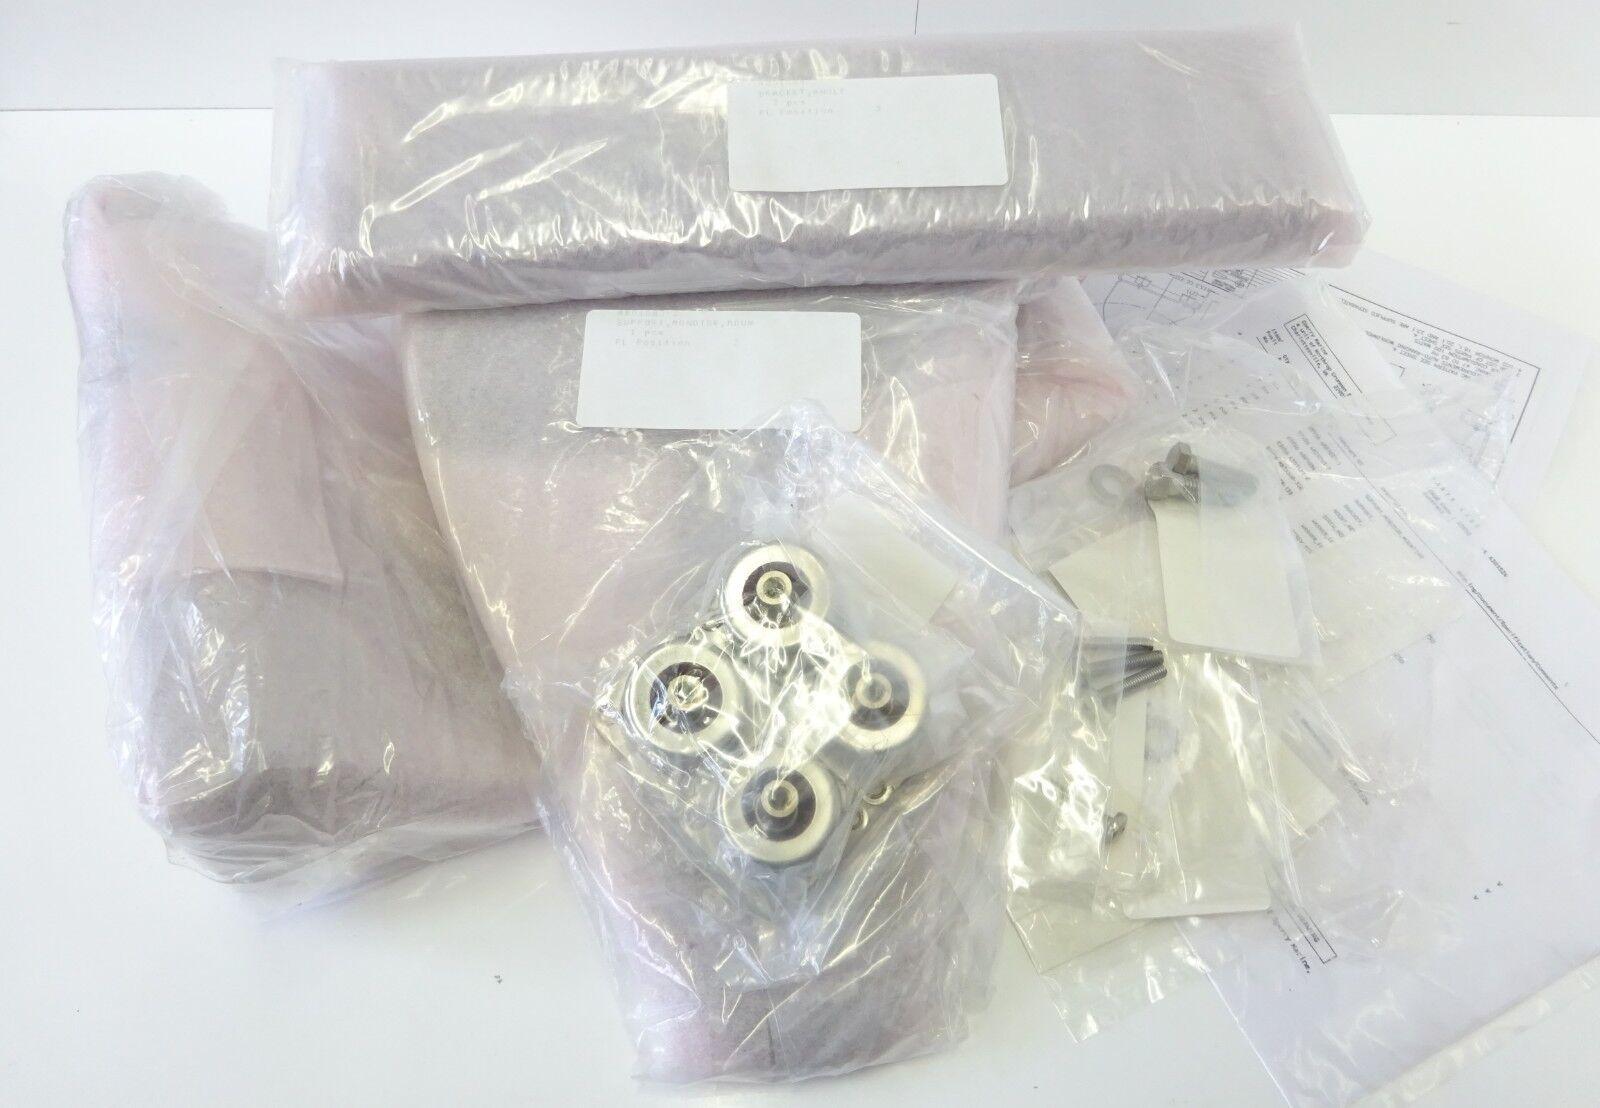 NORTHROP GRUMMAN Monitor Mounting Kit 4301524 Montagesatz für LCD Monitor UNUSED